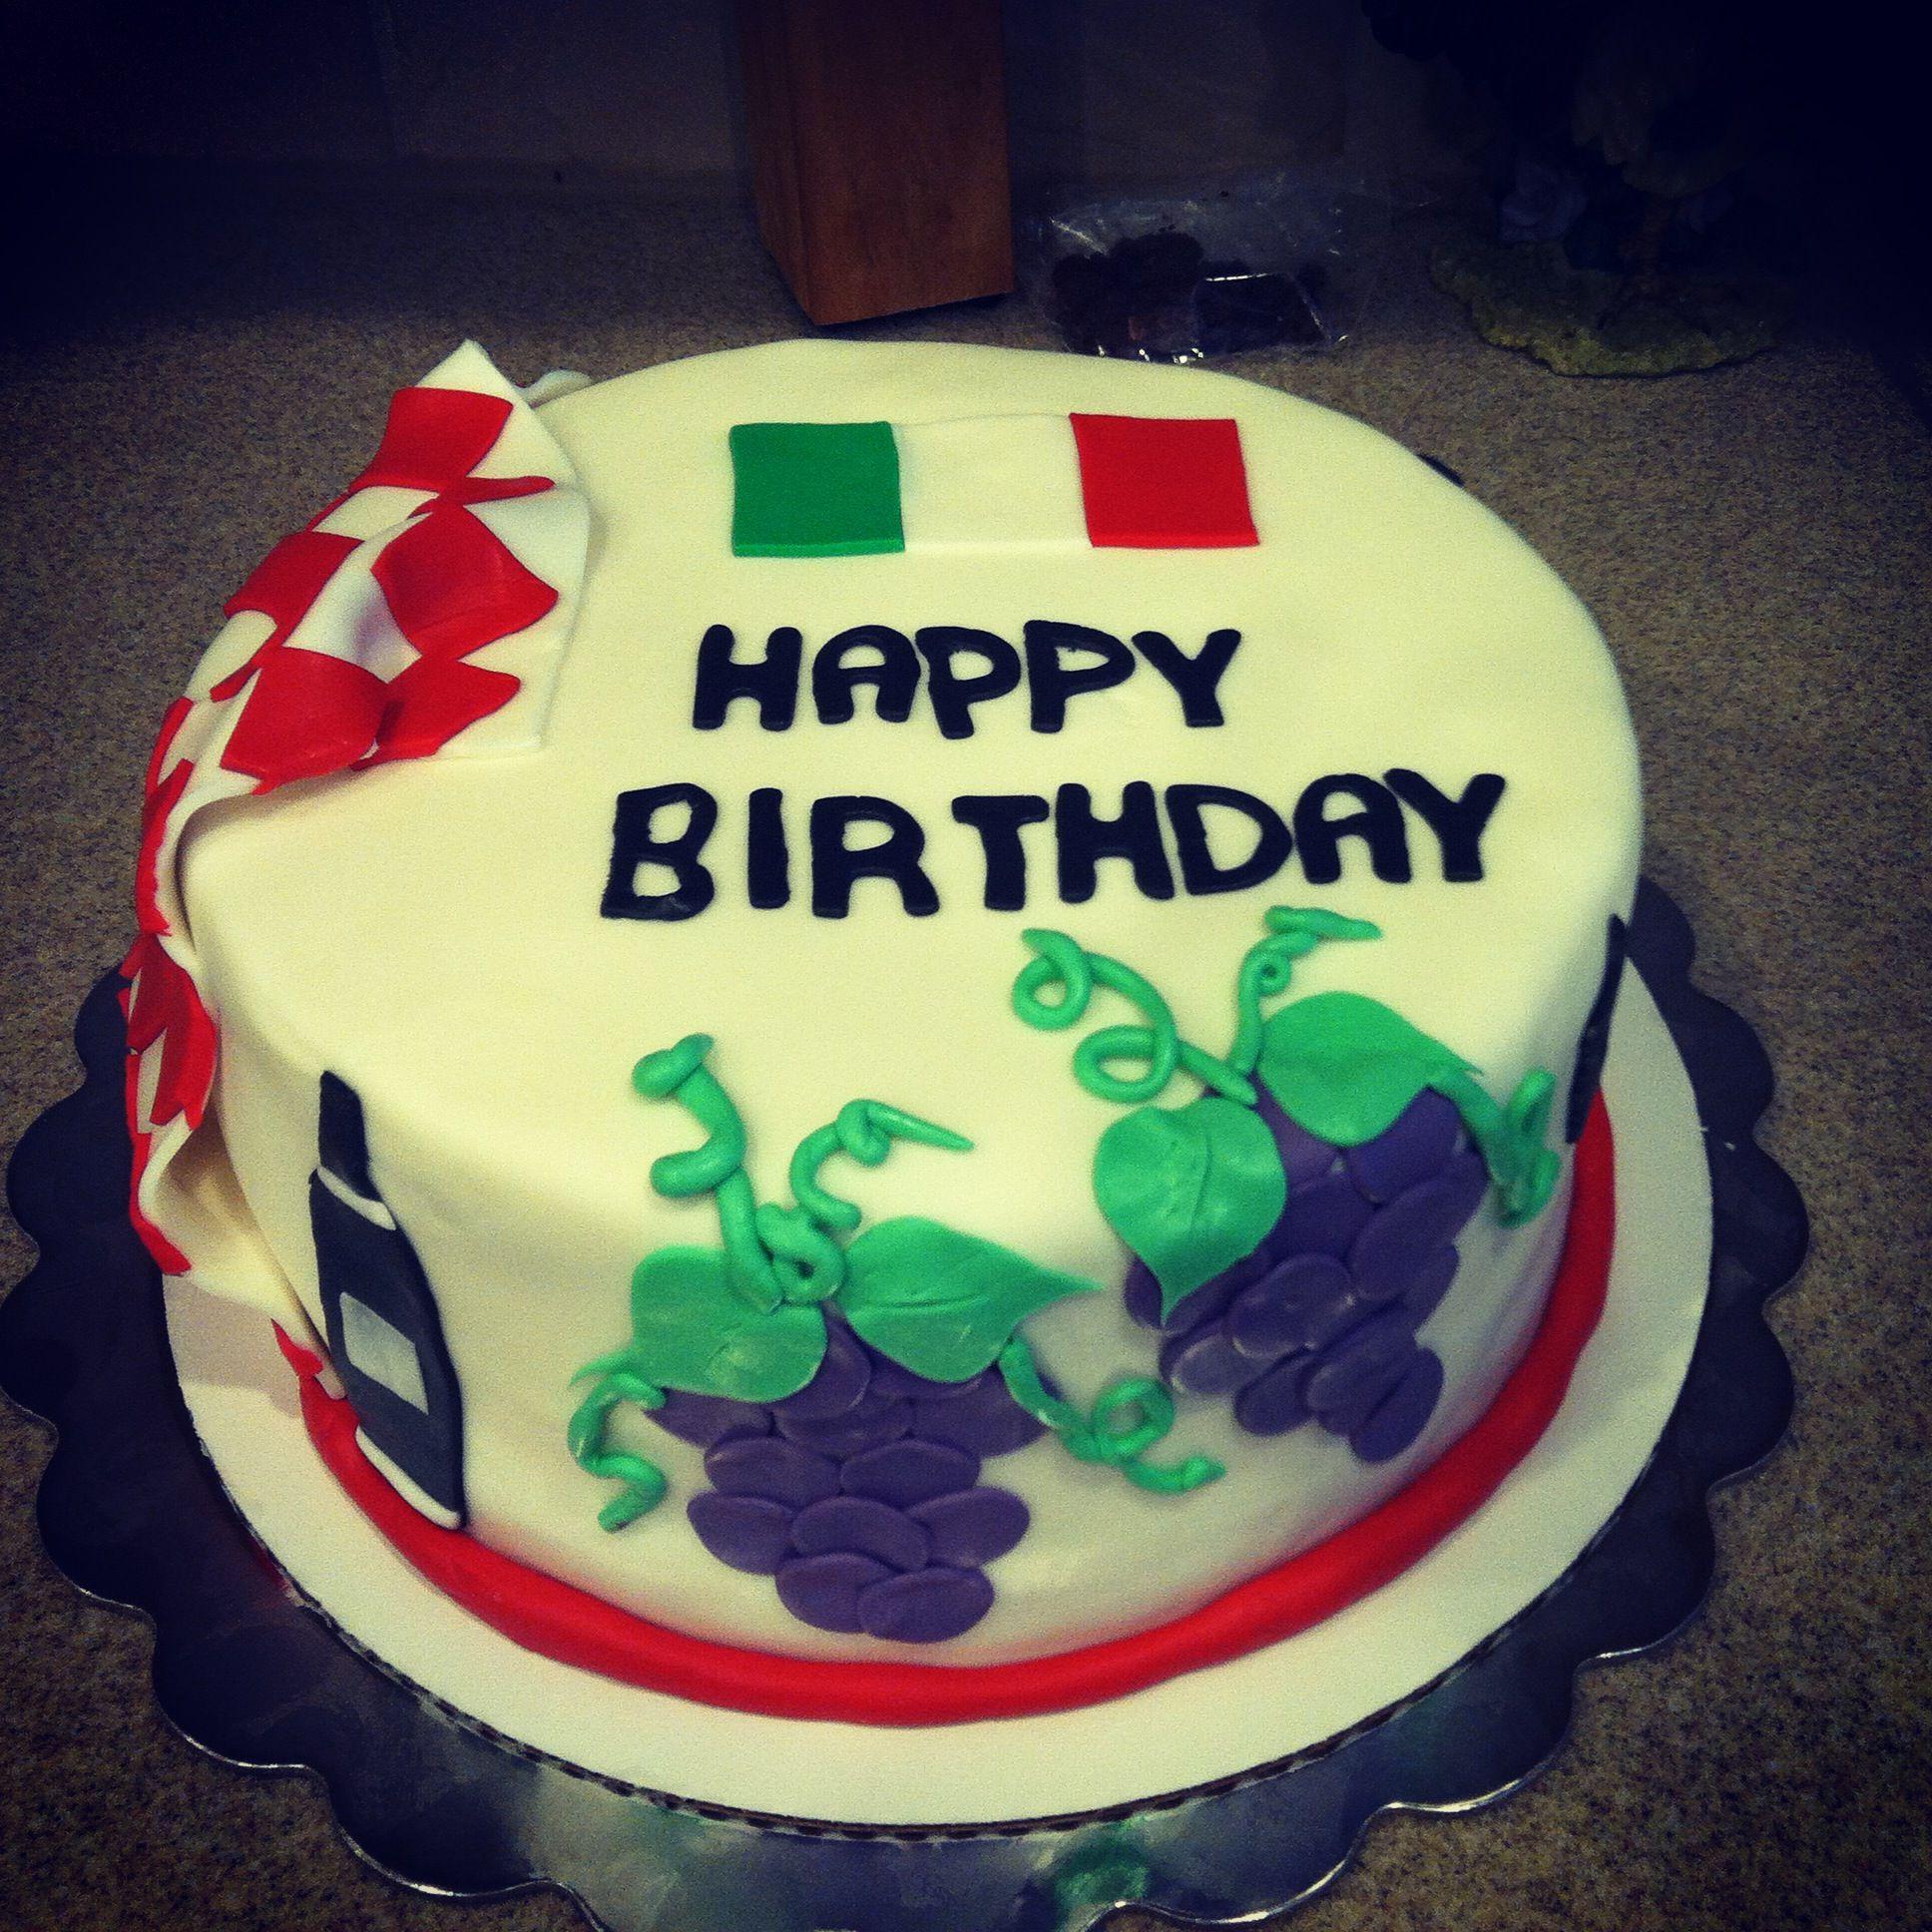 An Italian Themed Birthday Cake!